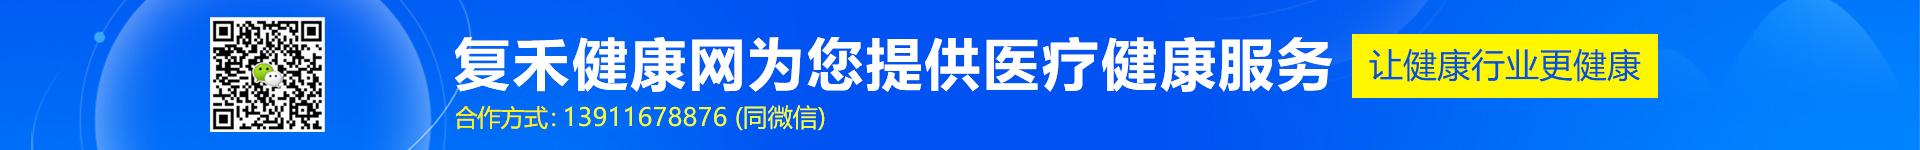 武汉男科医院介绍